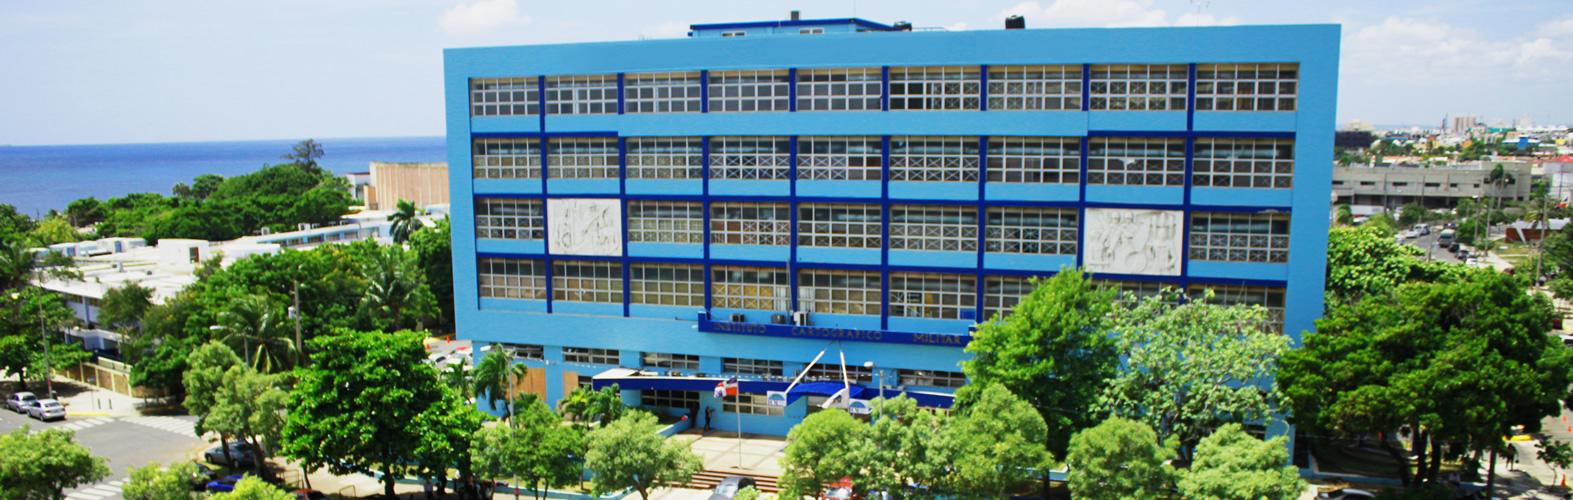 Fachada edificio ICM-7